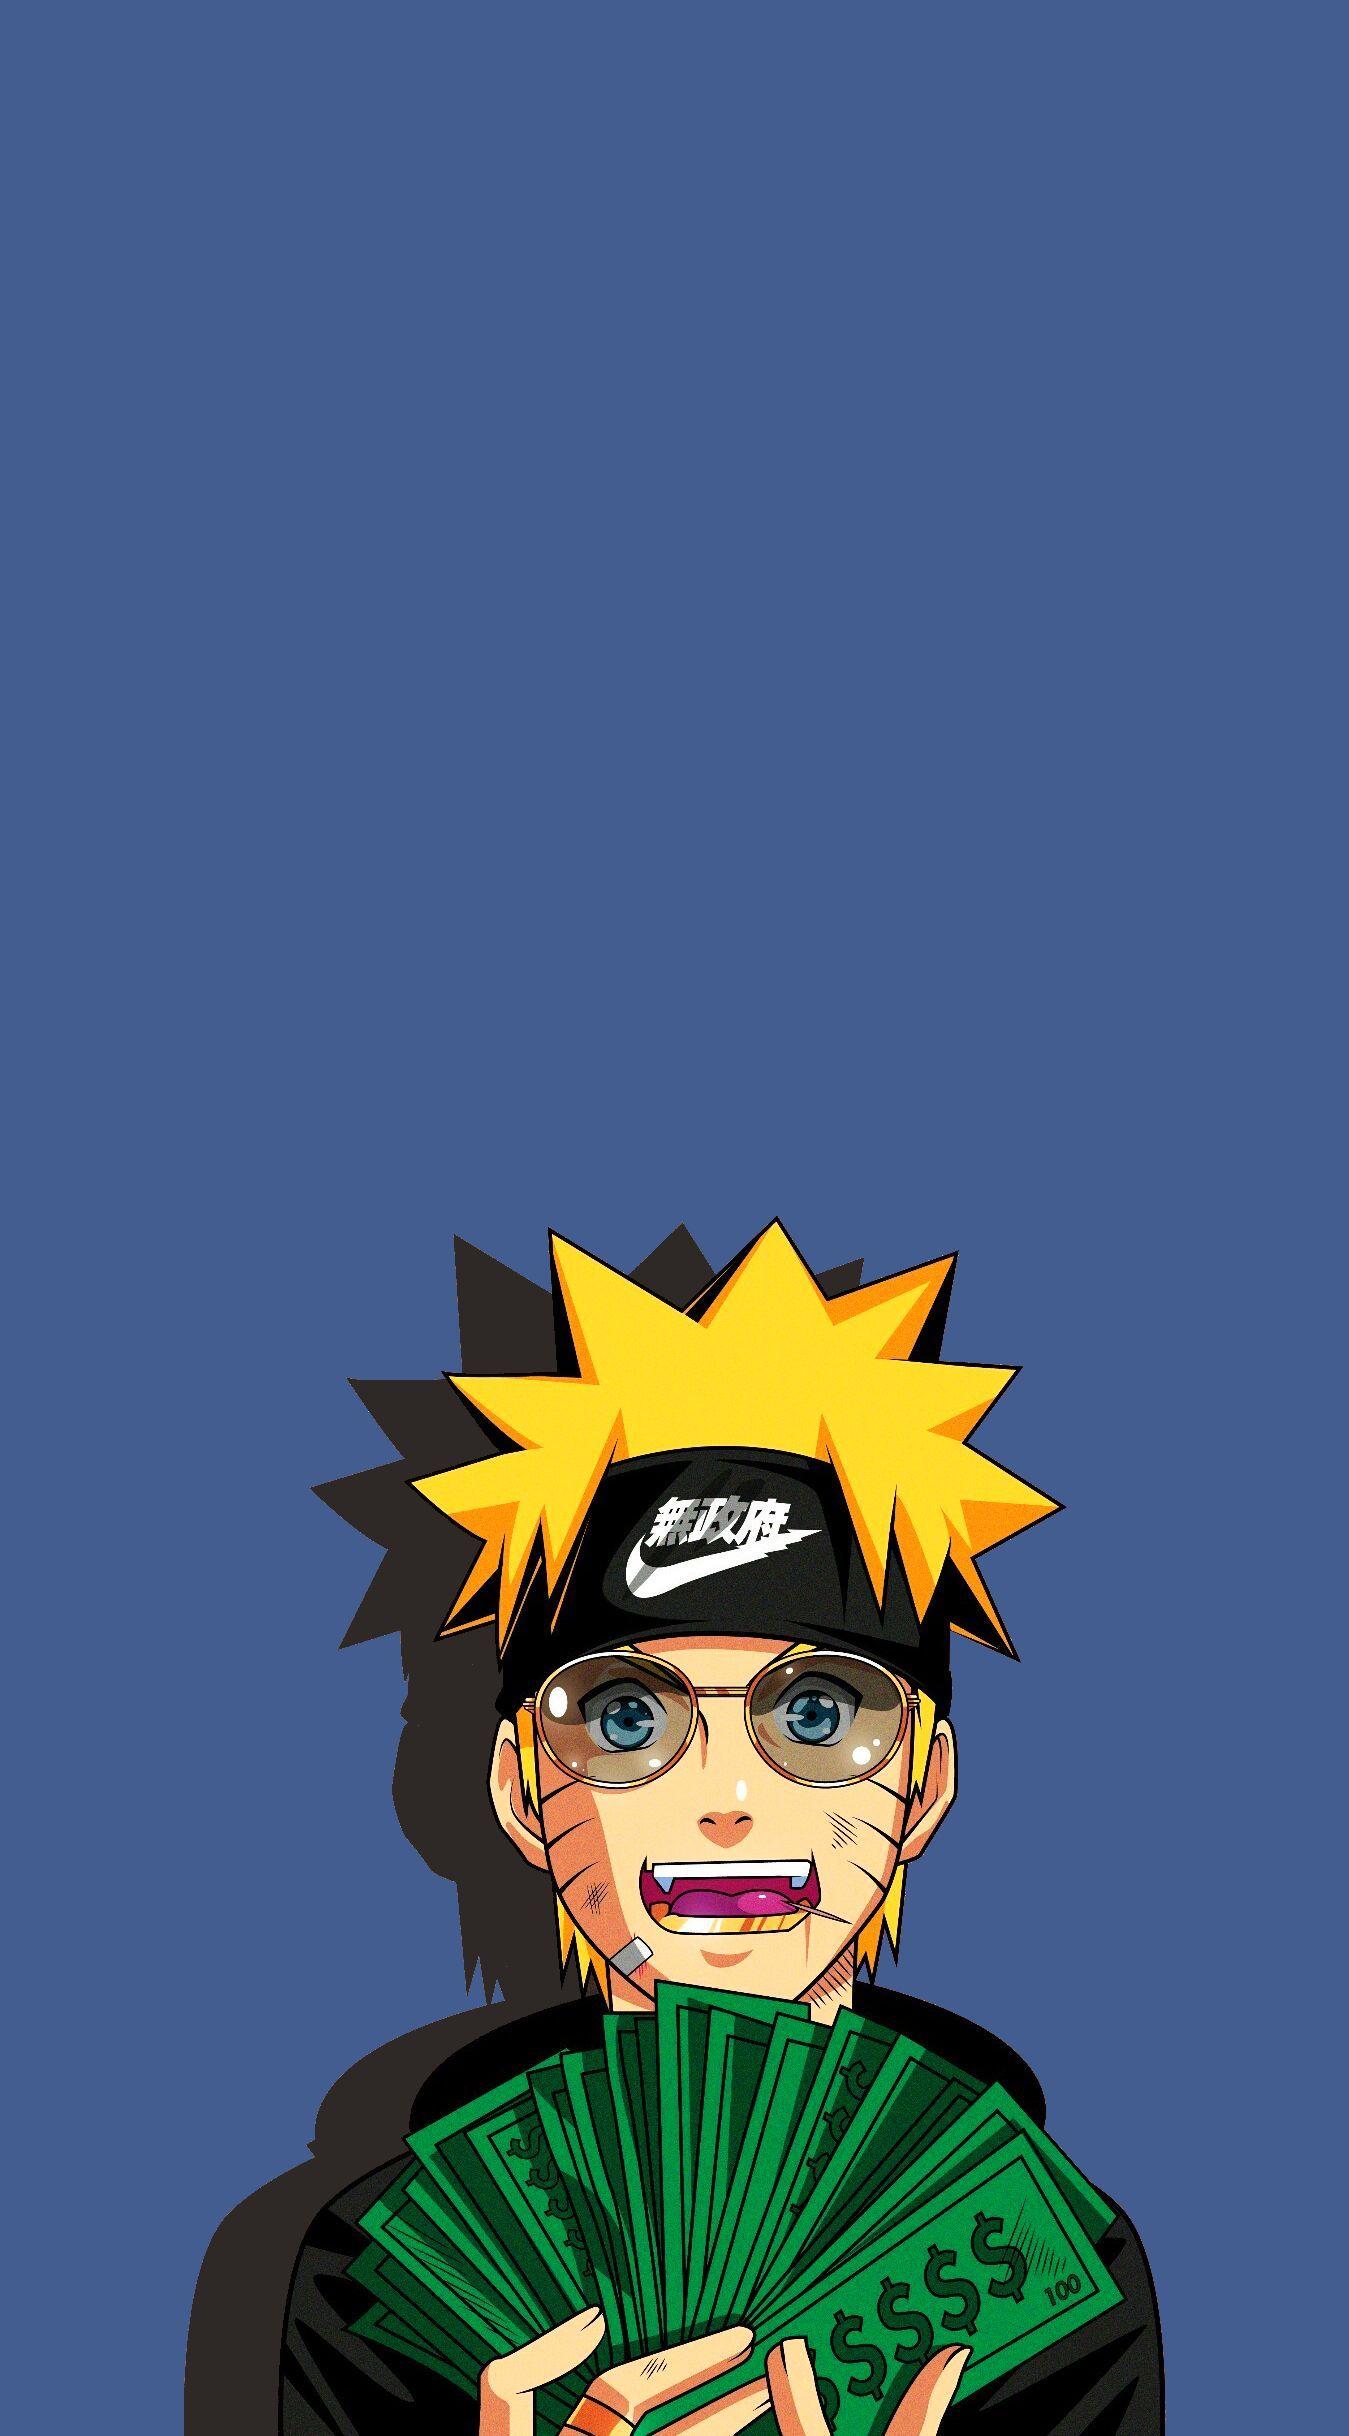 108 Naruto Wallpaper With Money Hd Naruto Wallpaper Naruto